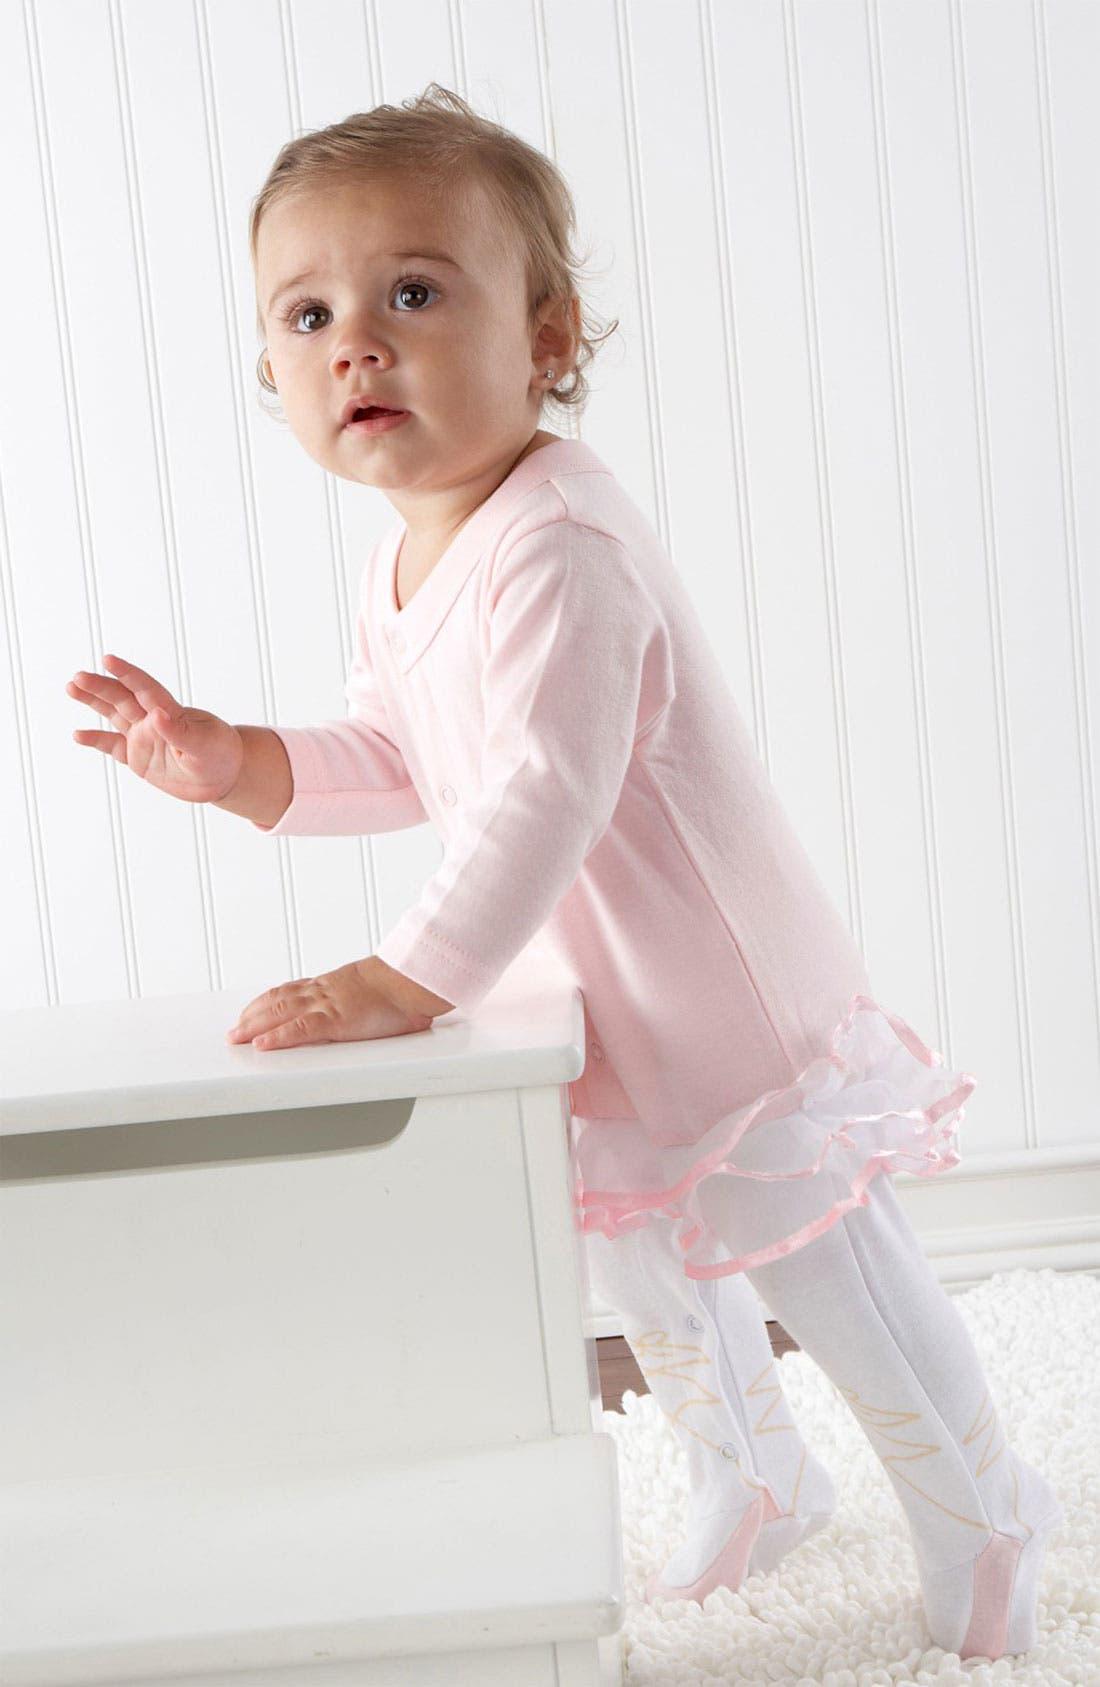 Alternate Image 1 Selected - Baby Aspen 'Ballerina' Footie & Hat (Baby Girls)